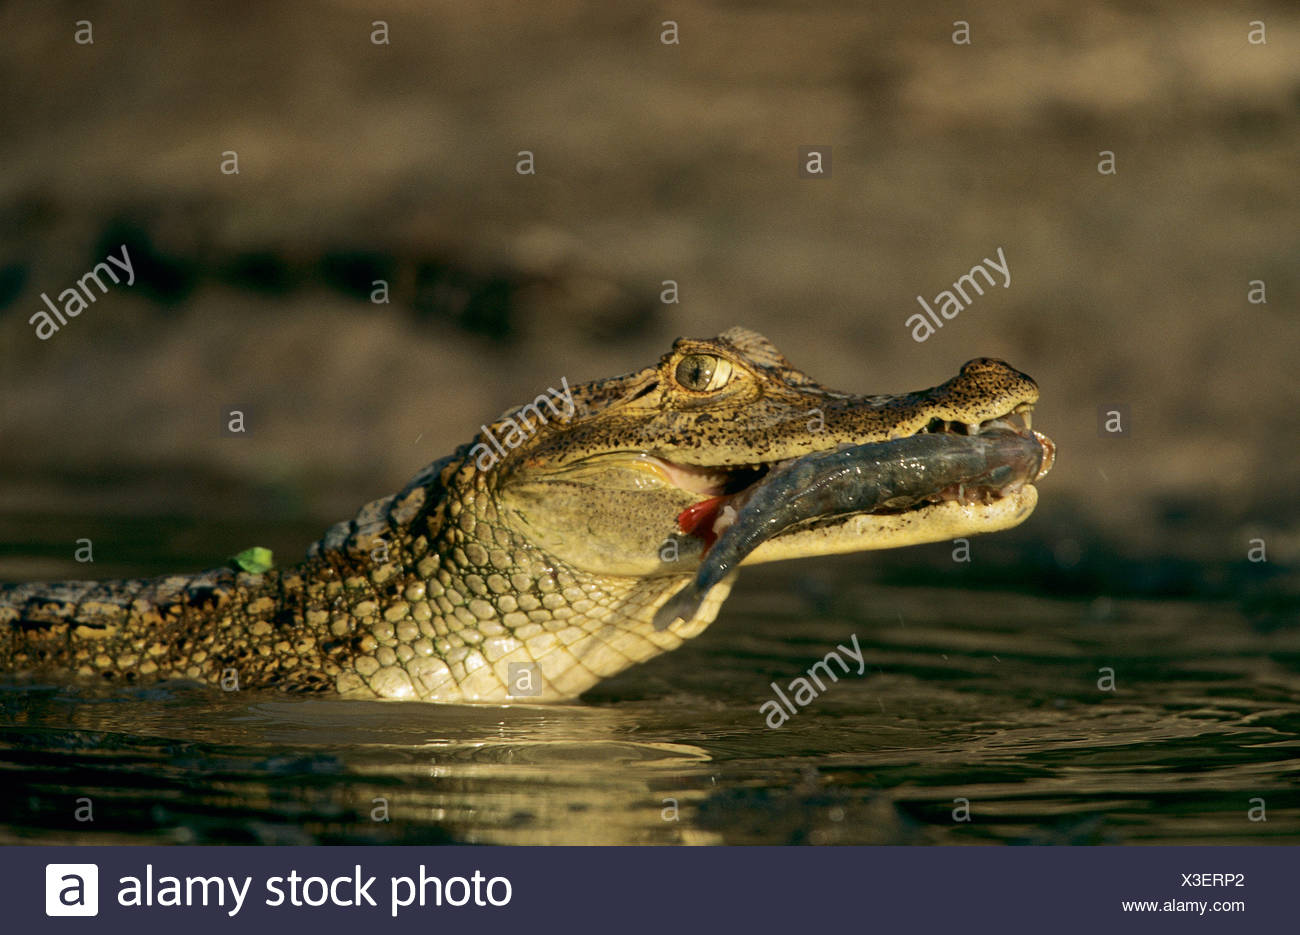 Großzügig Brief Ein Alligator Malvorlagen Bilder - Malvorlagen-Ideen ...